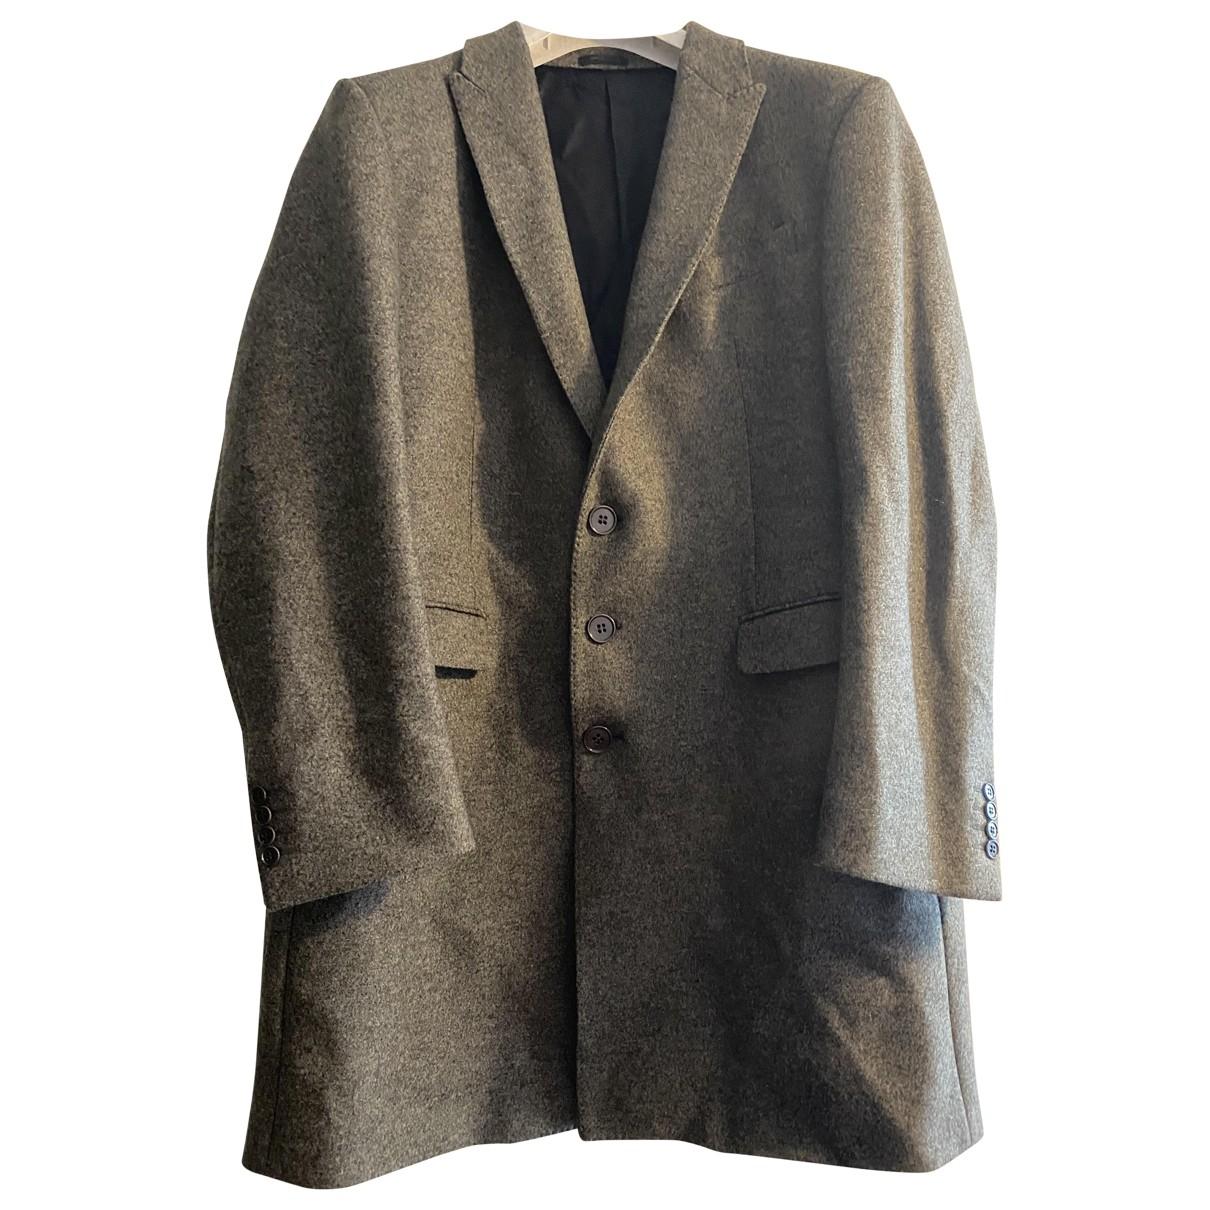 Armani Collezioni - Manteau   pour homme en laine